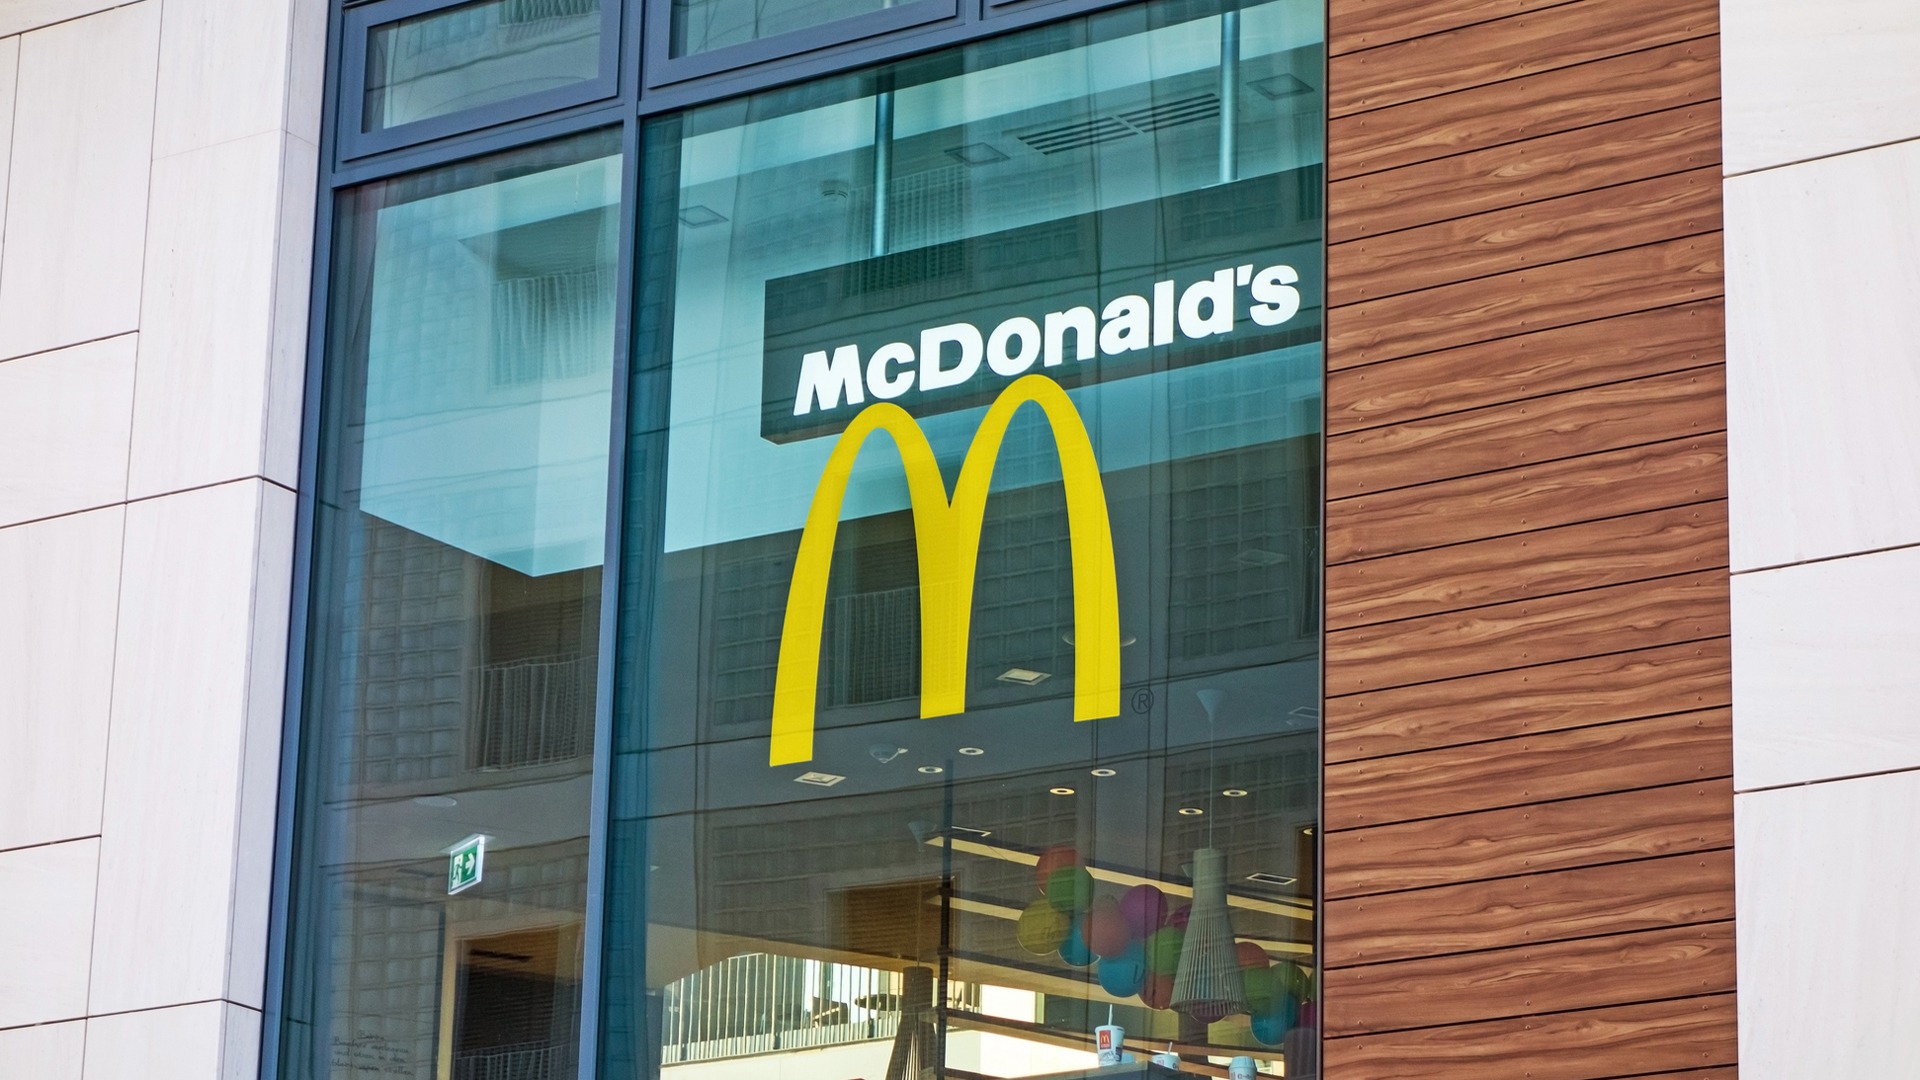 En el plazo de dos años, McDonald's incorporará 1000 nuevos empleados en el país.